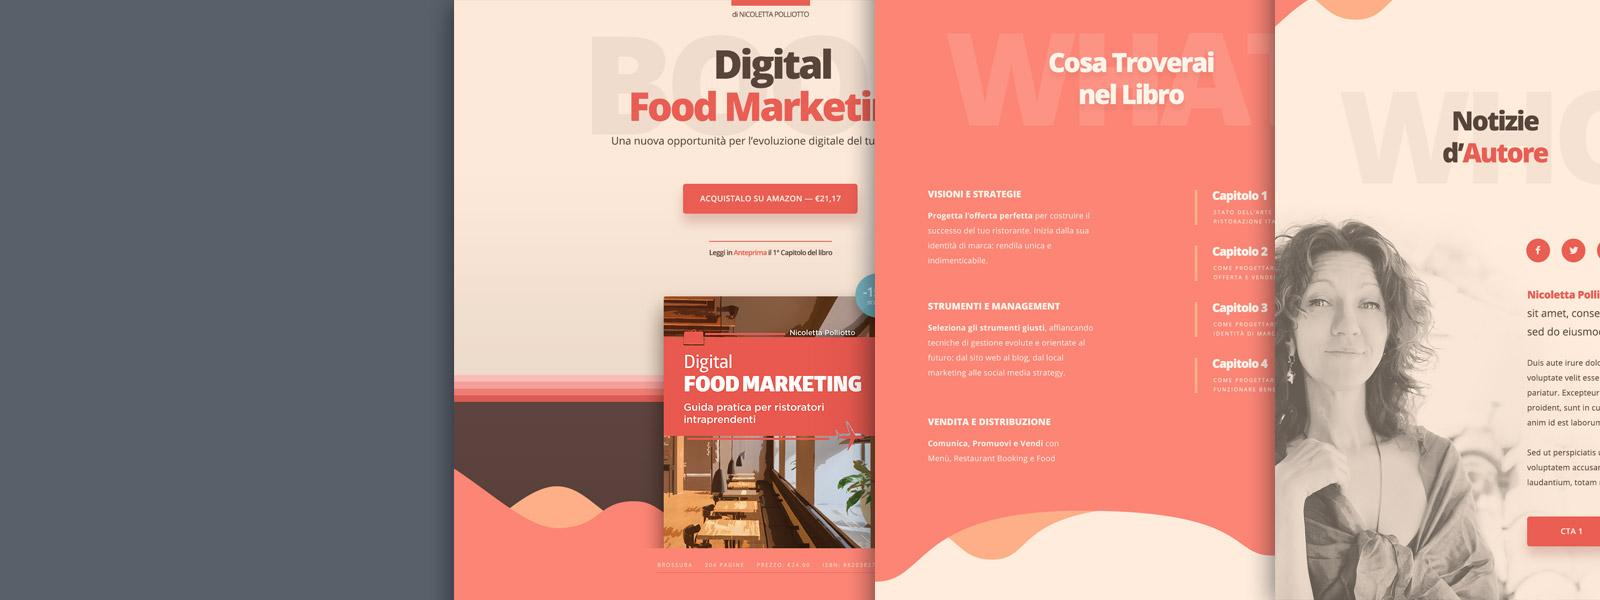 Muse Comunicazione - Digital Food Marketing: Promo Libro